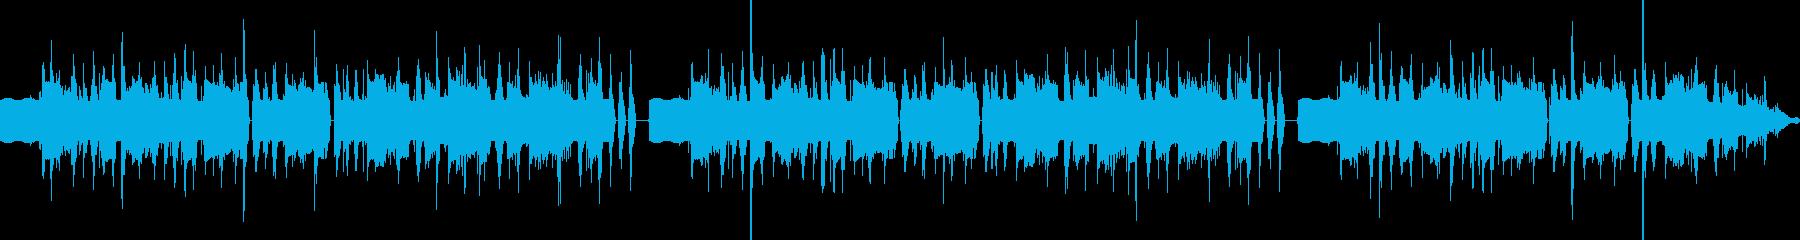 ヘンテコな雰囲気のBGMの再生済みの波形